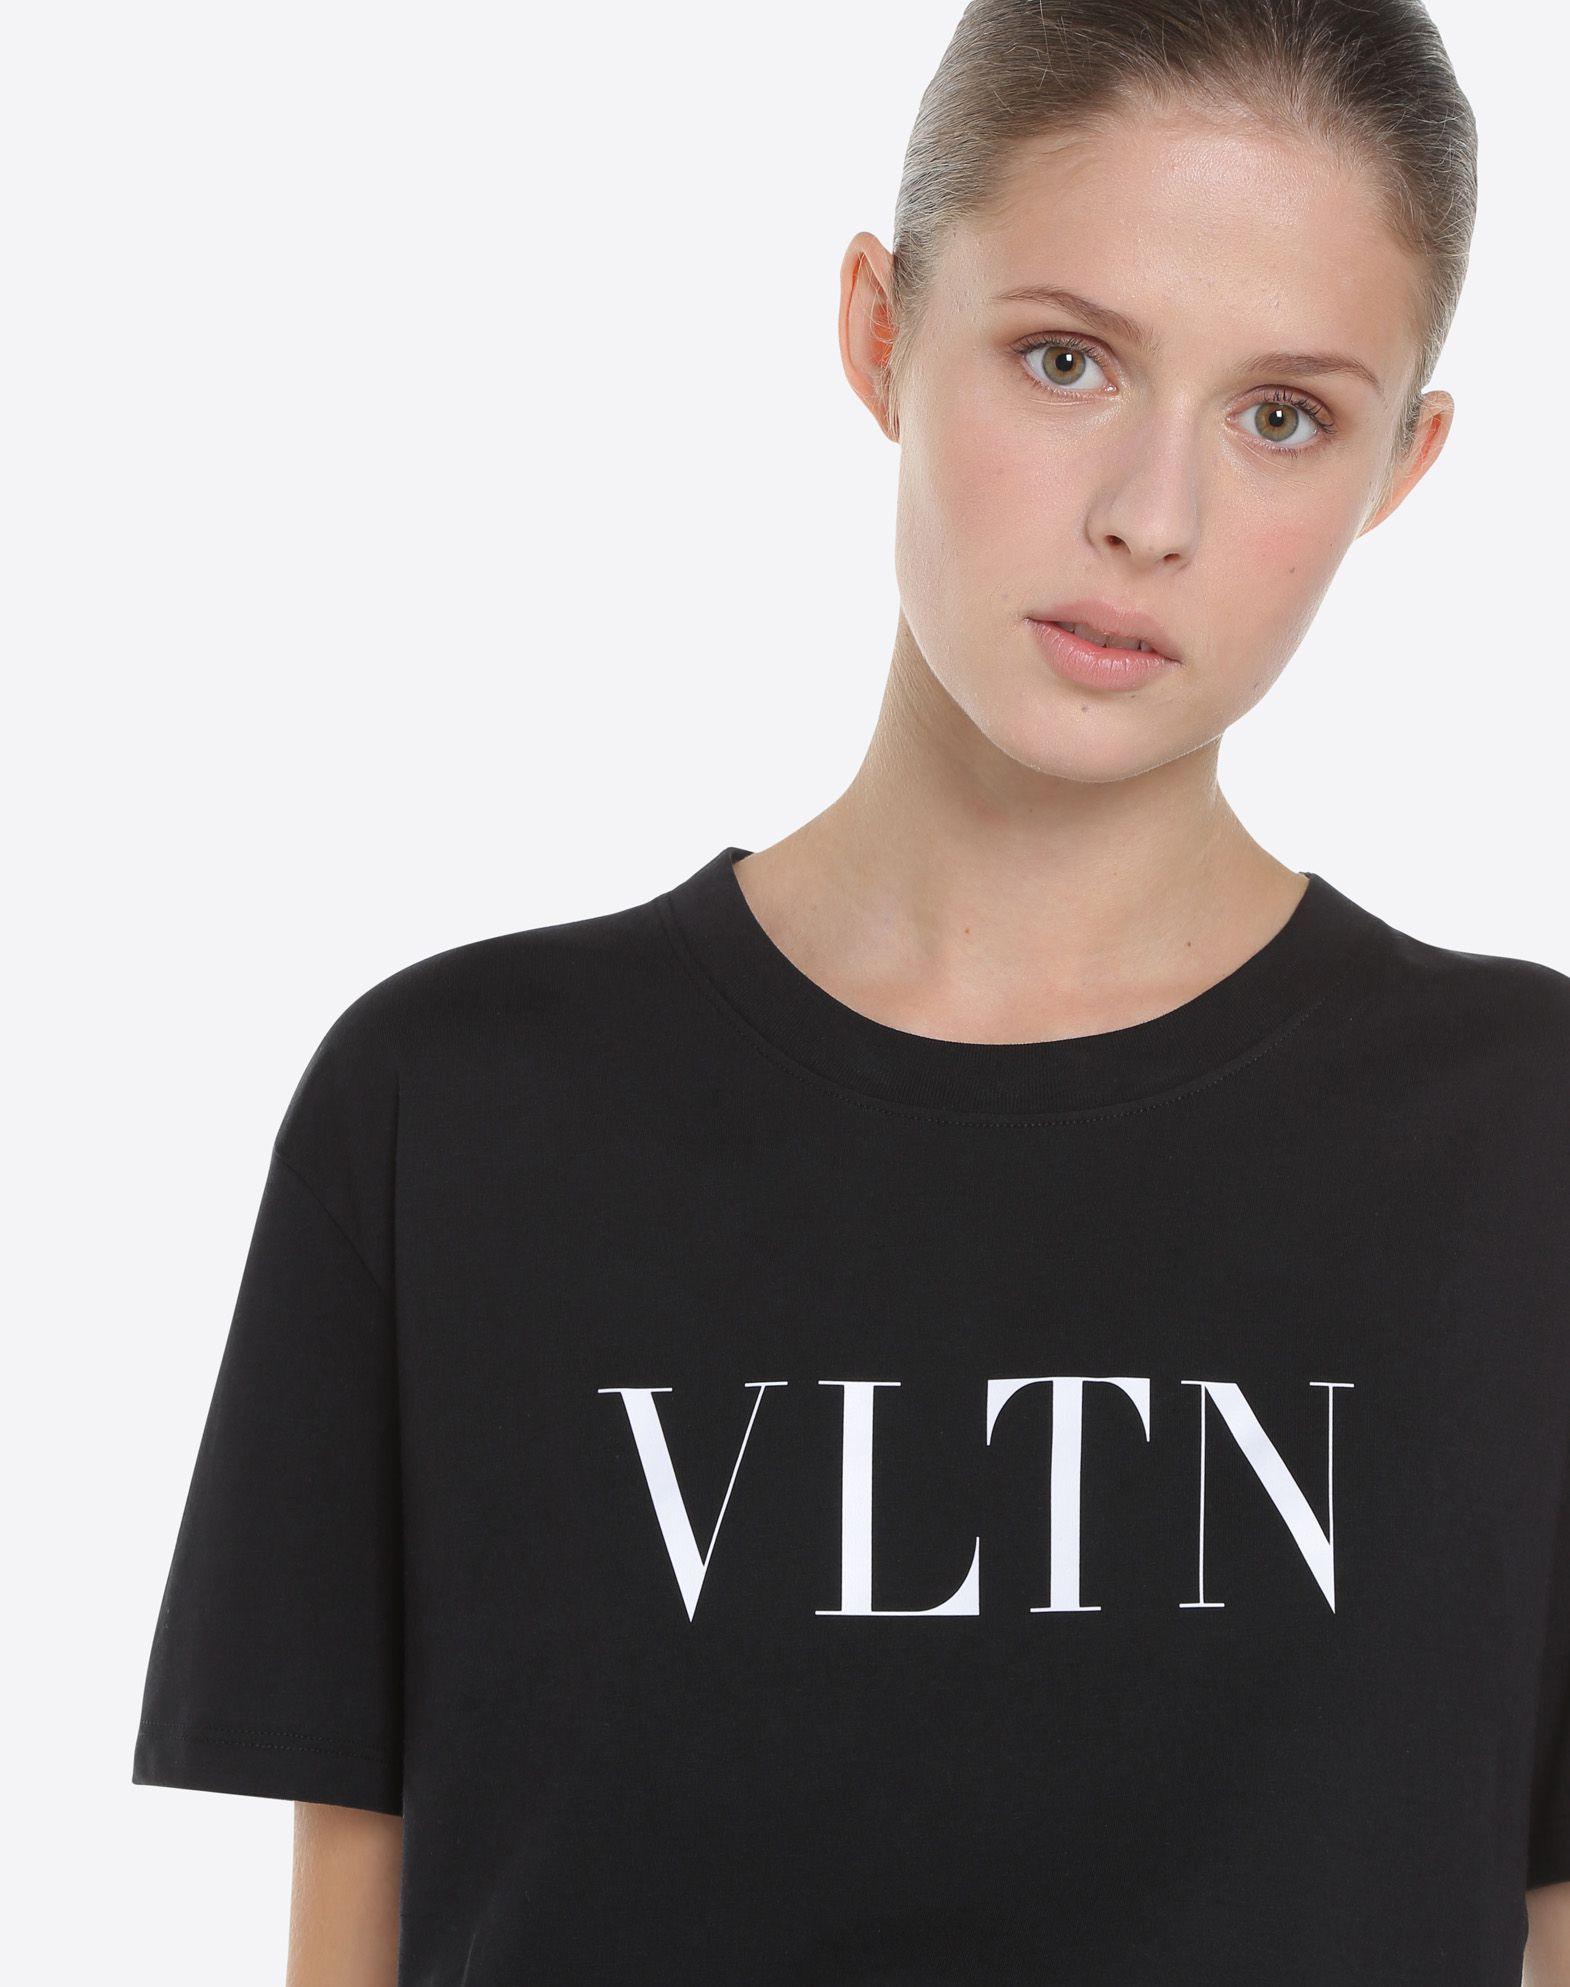 VALENTINO VLTN T 恤 T 恤 D a